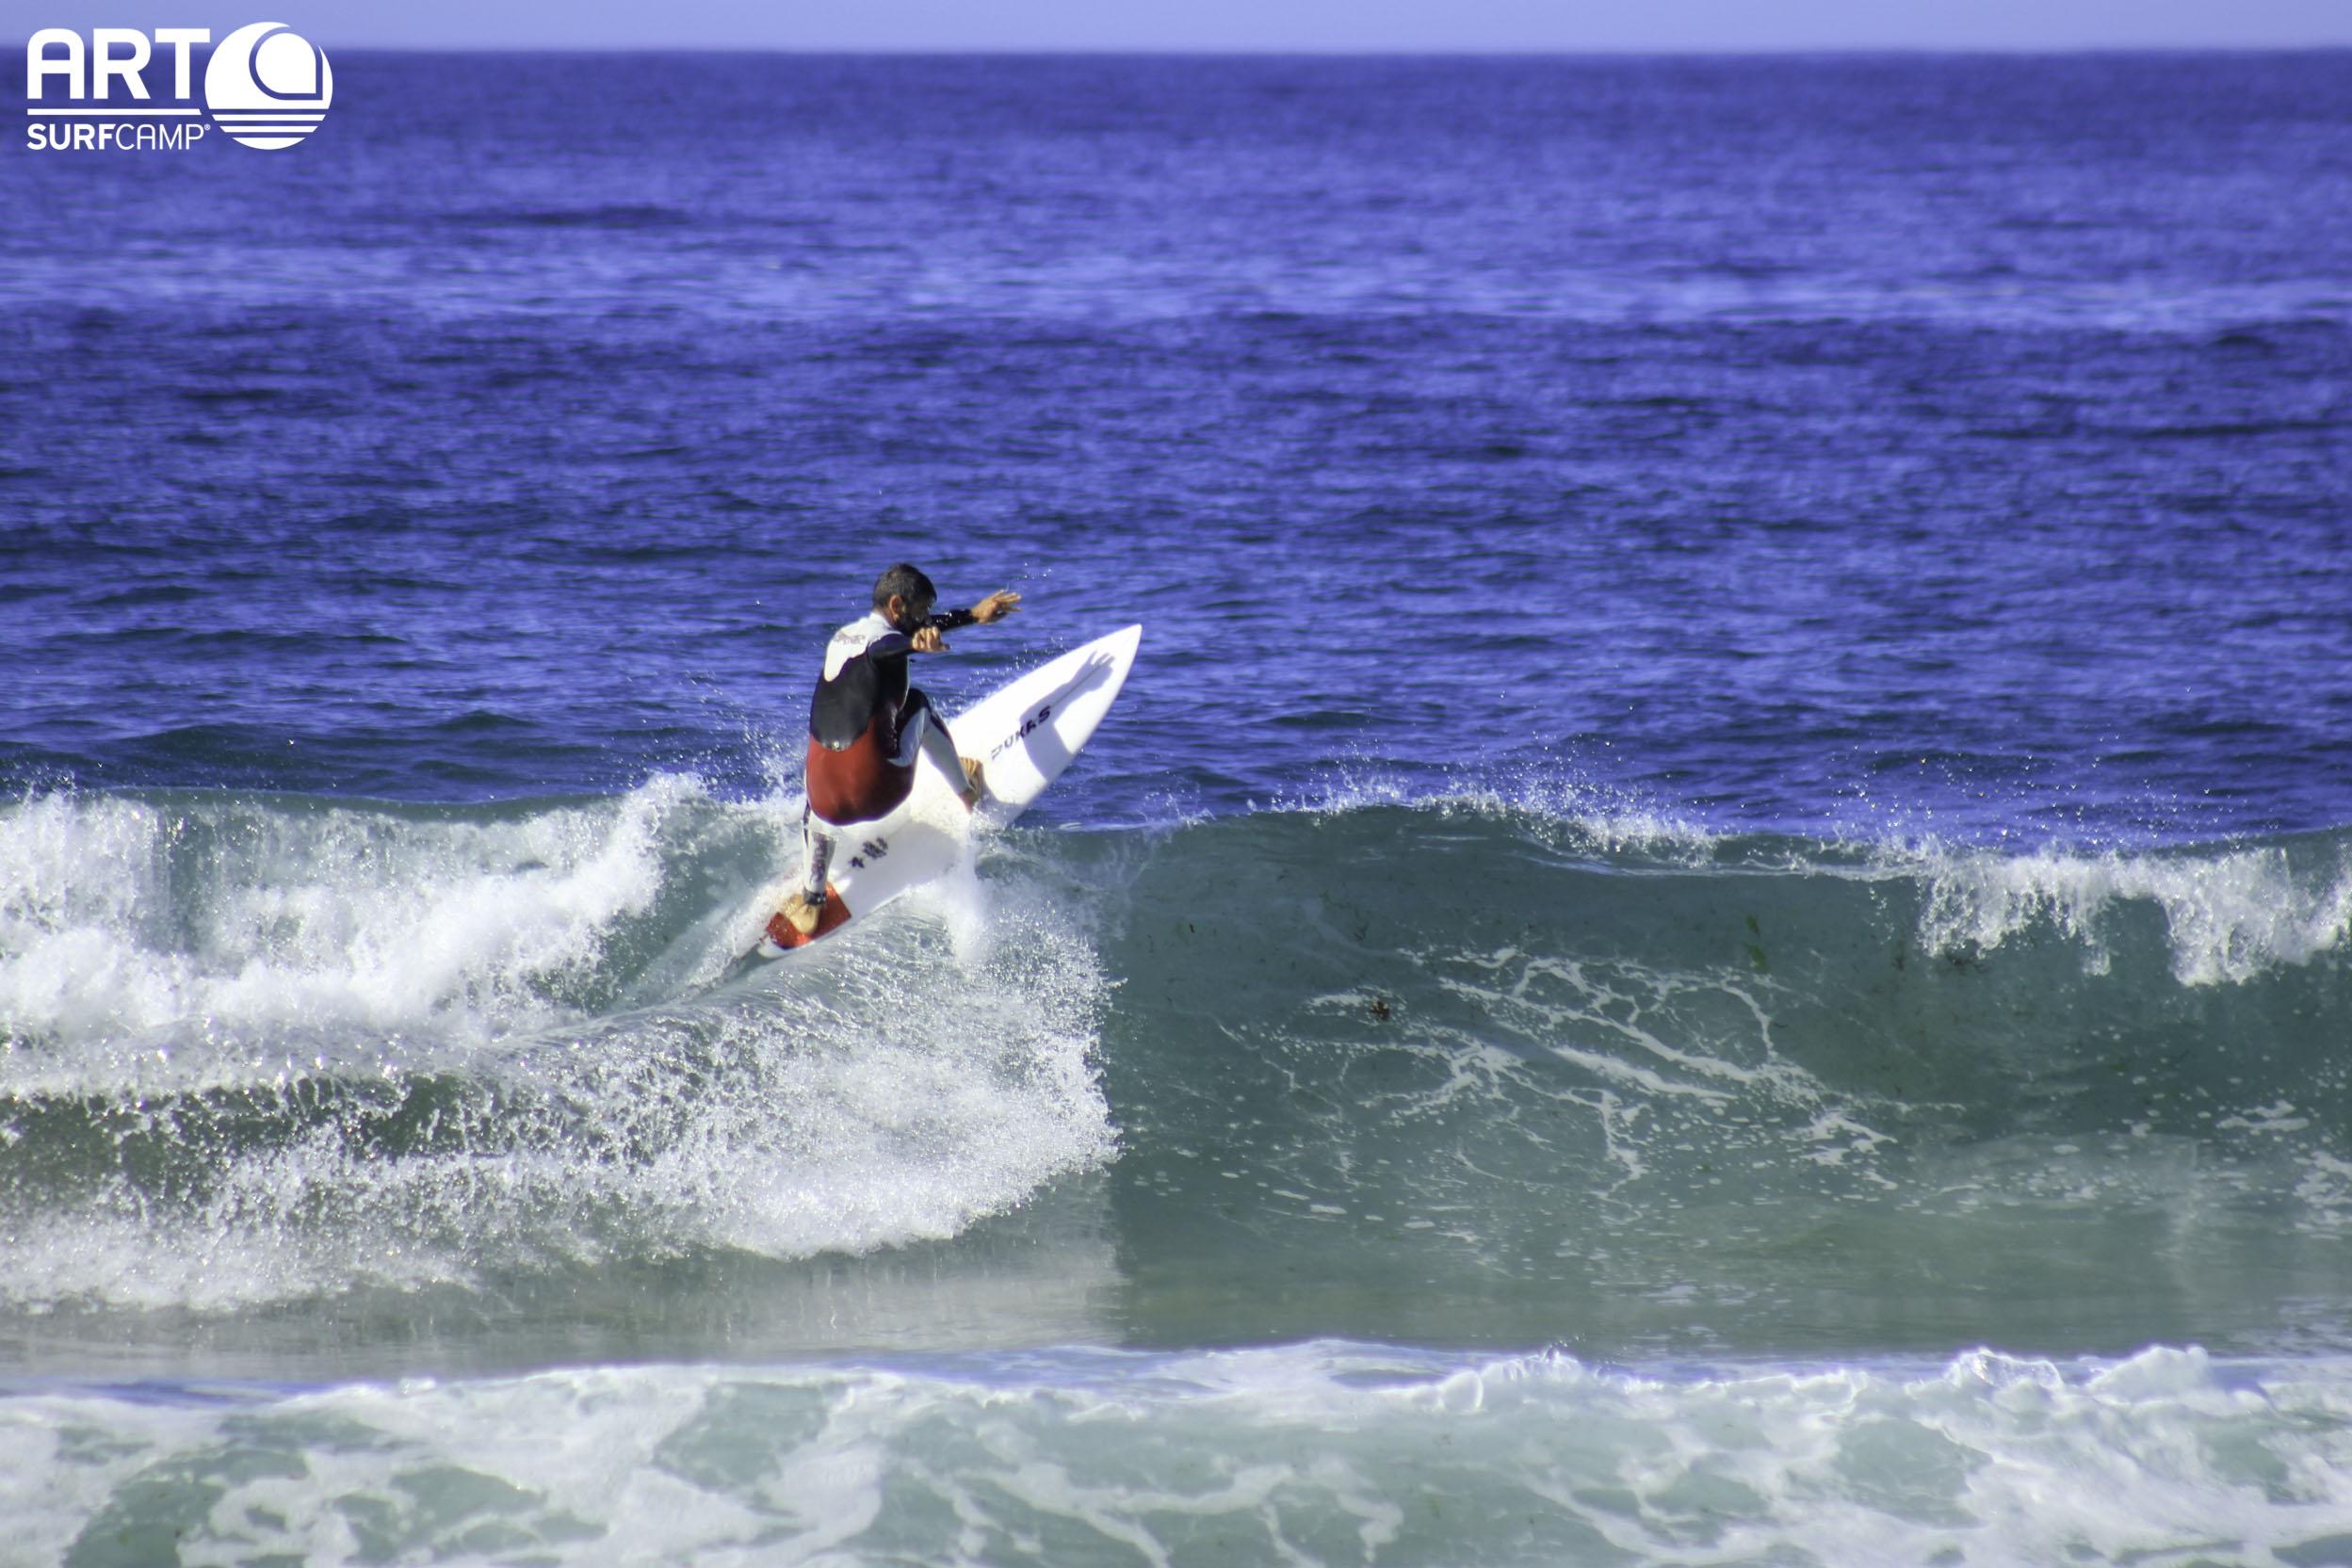 Qué Decimos Los Surfers vs. Qué Queremos Decir Realmente